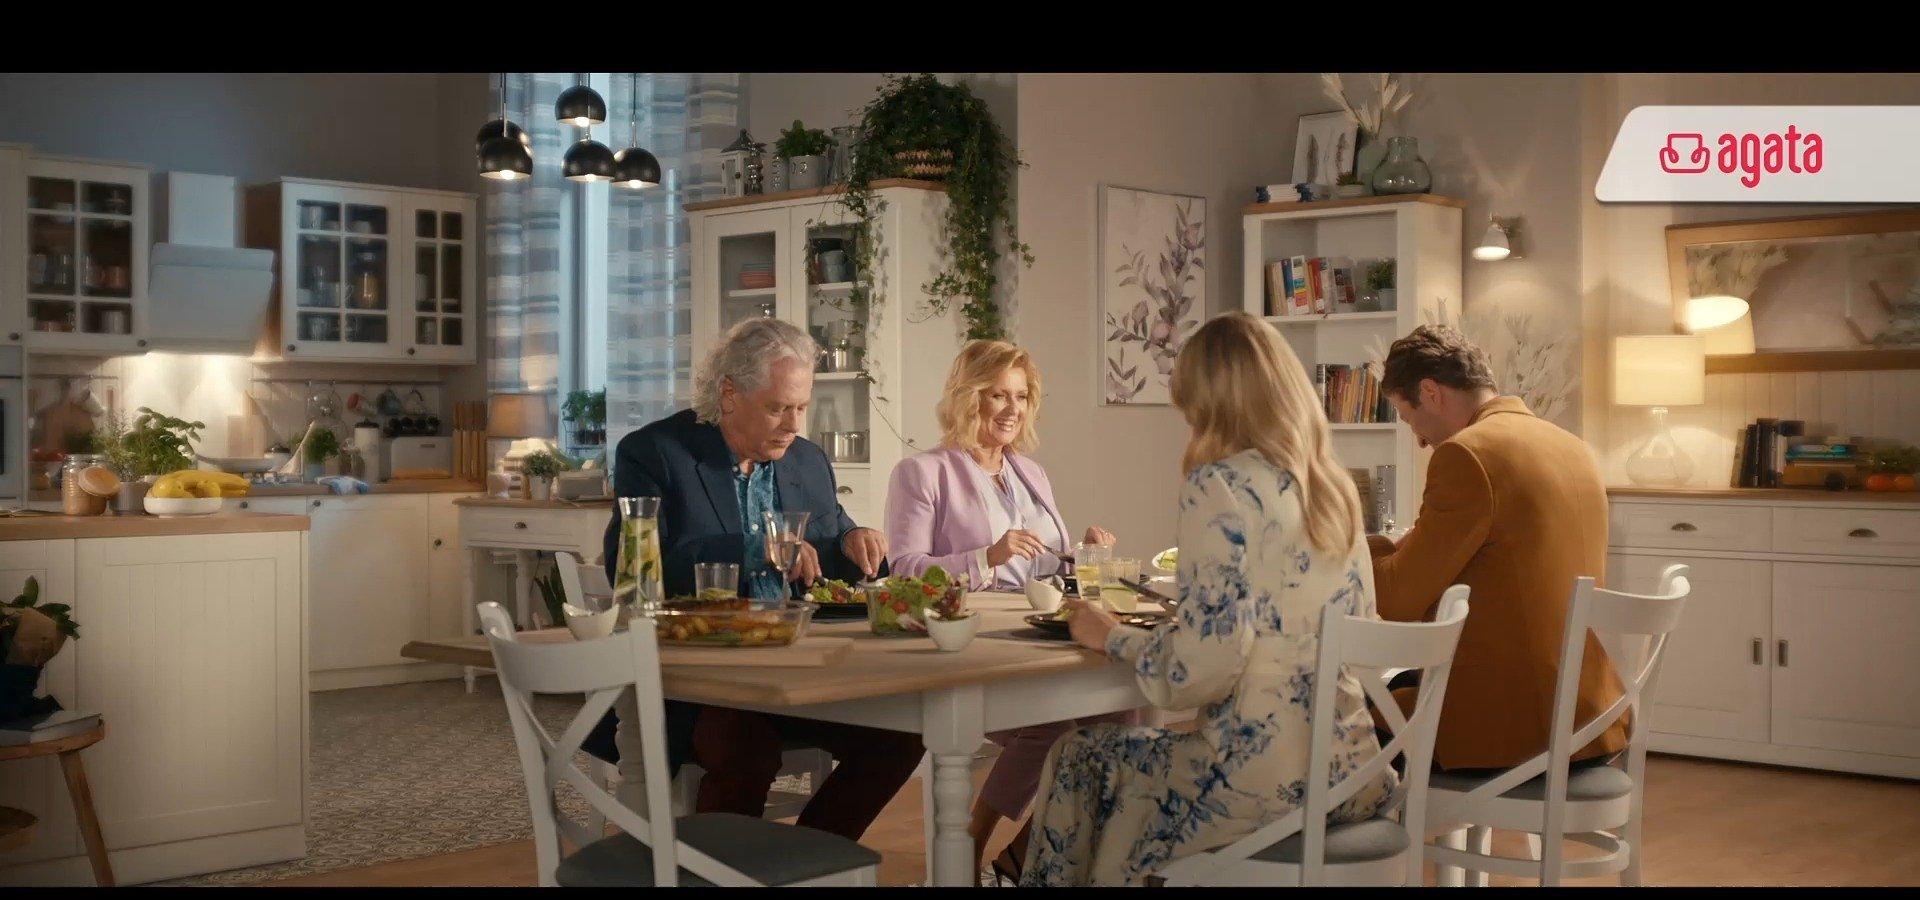 Synowa i Teściowa wybierają stół. Nowy spot reklamowy Salonów Agata